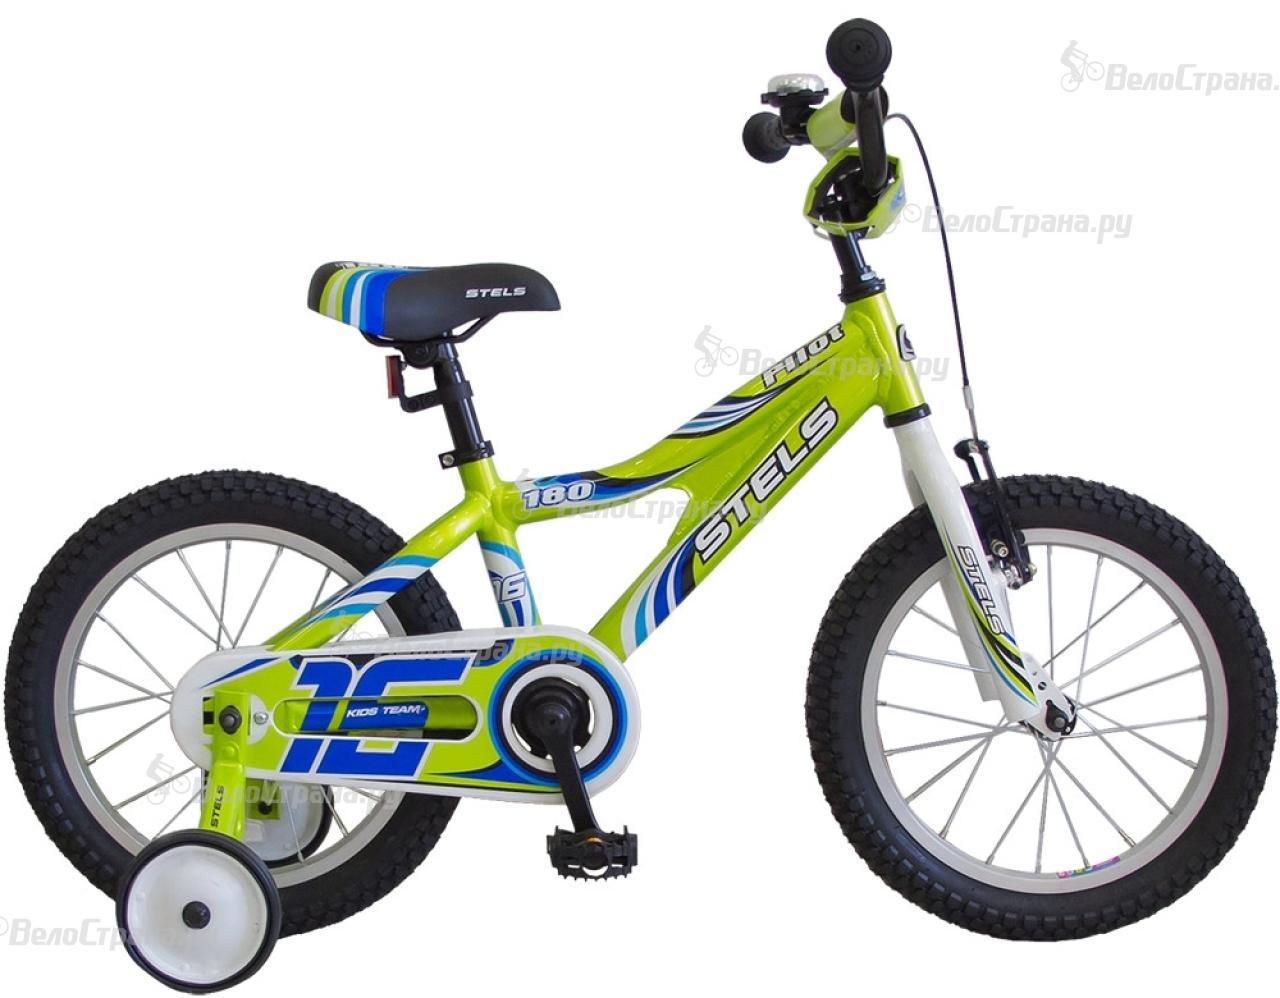 Велосипед Stels Pilot 180 16 (2013)